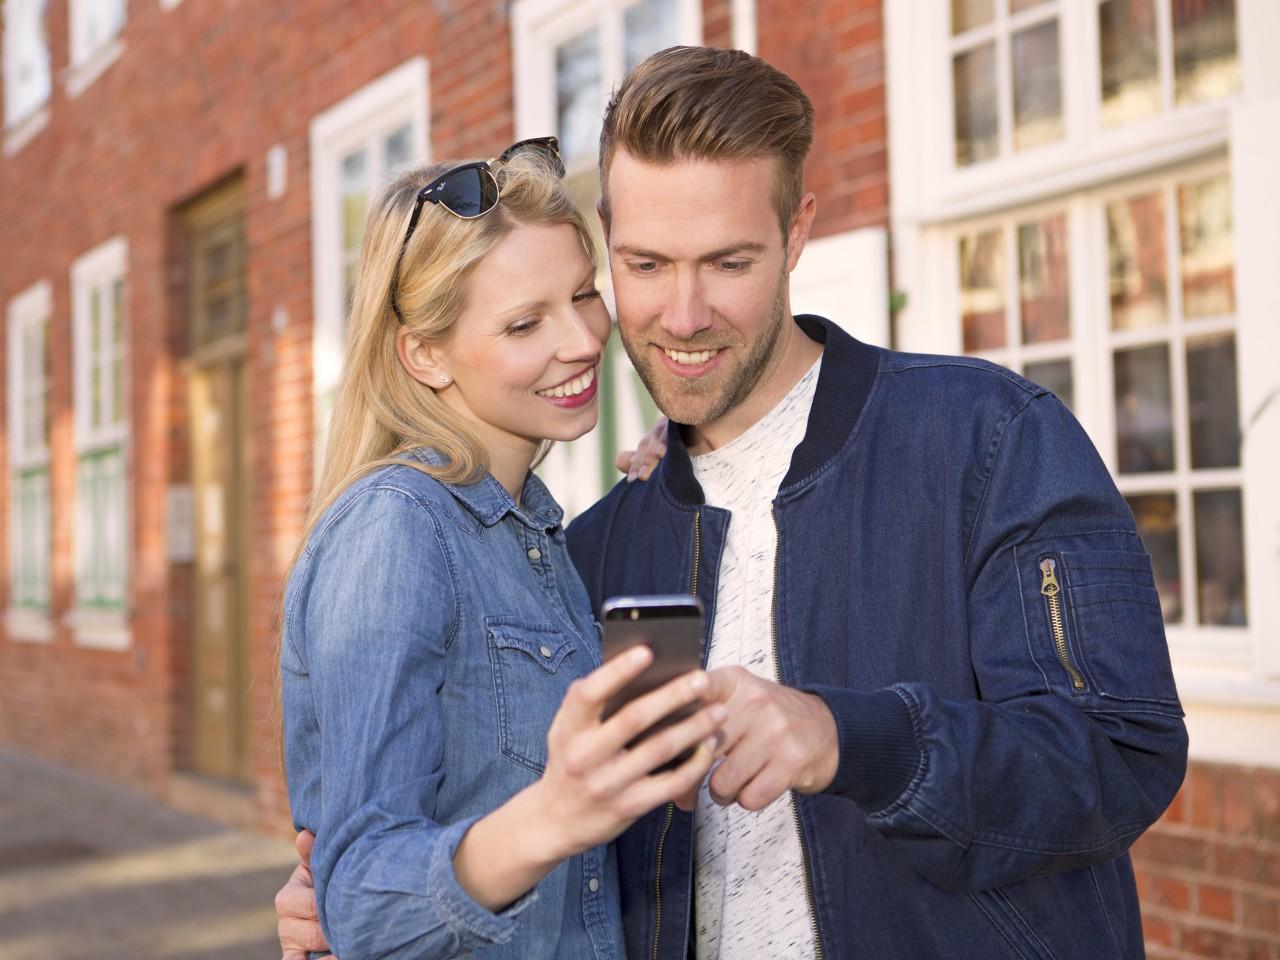 Junges Pärchen mit dem Smartphone in der Hand und der Echt Potsdam App im Holländerviertel, © Kathleen Friedrich